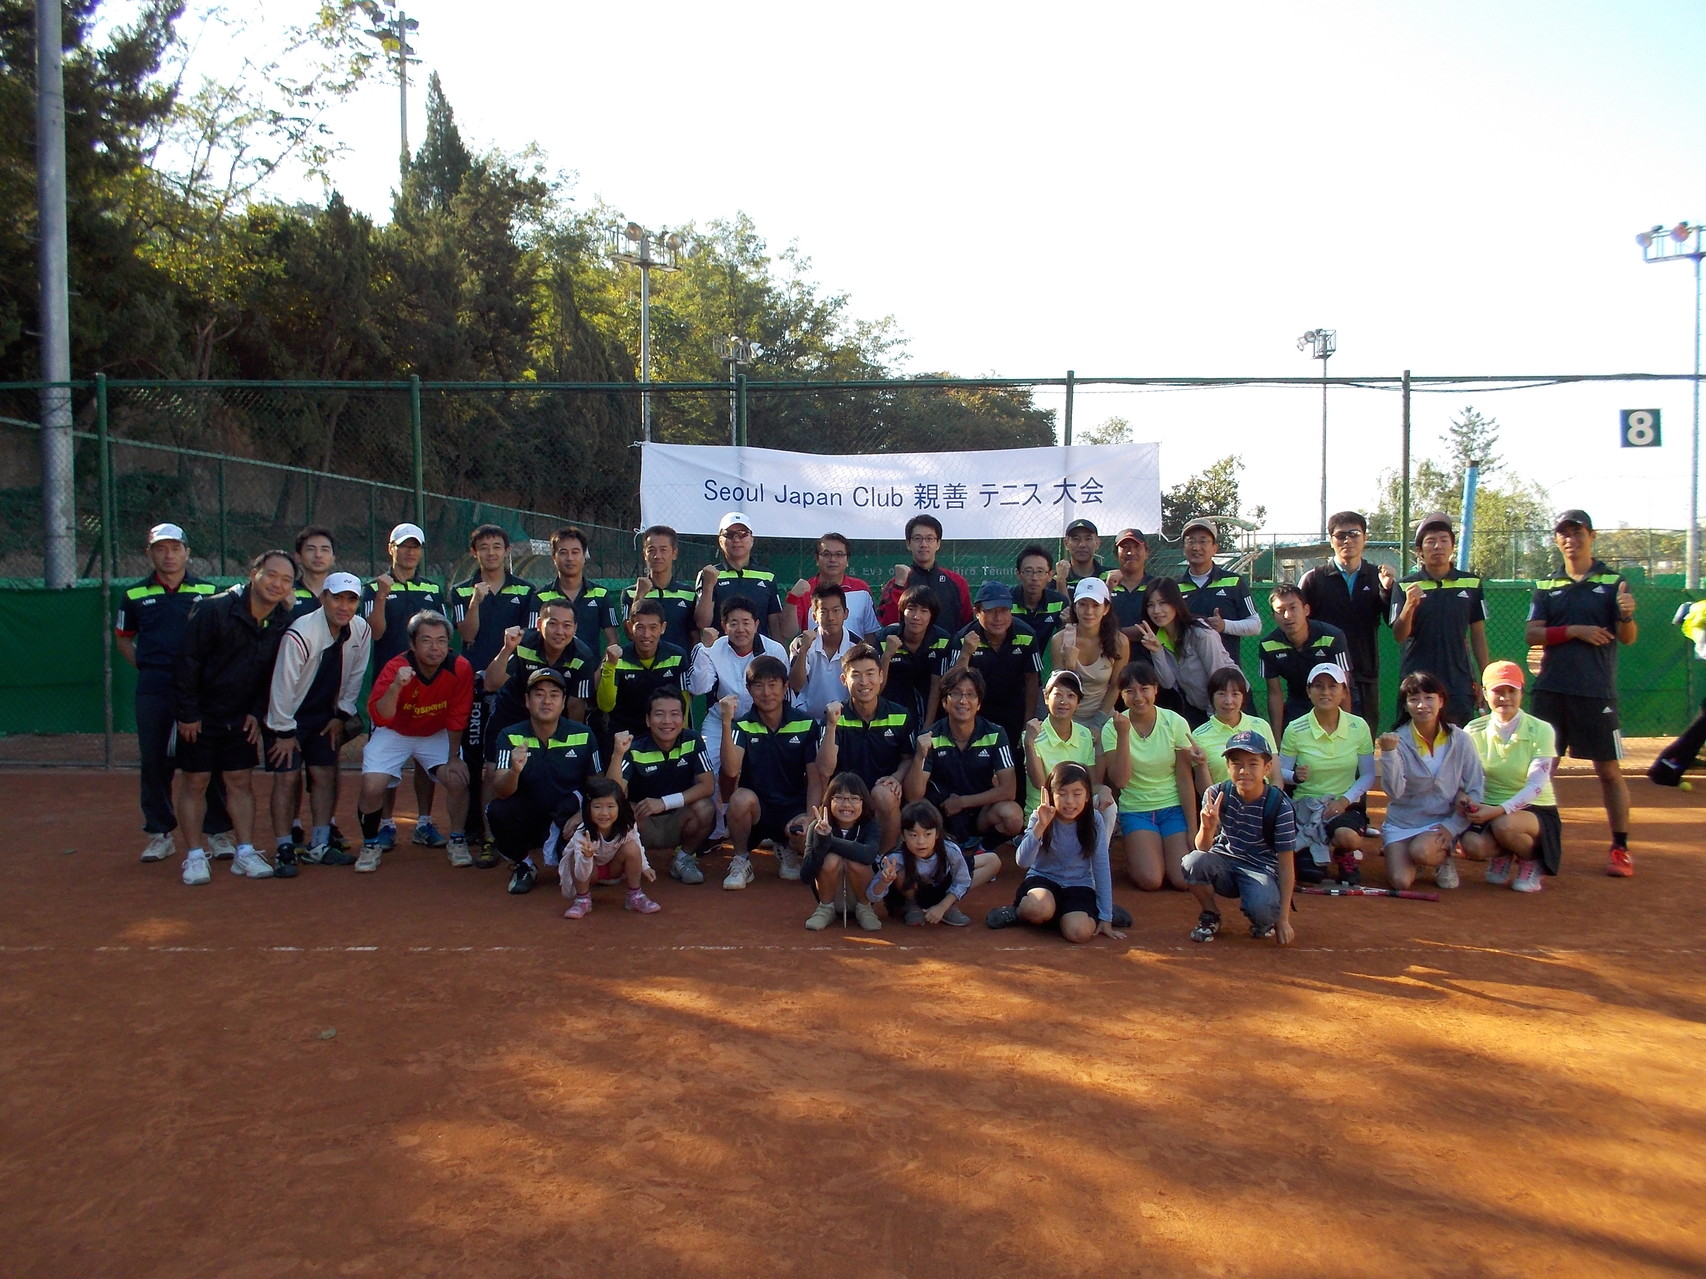 2014年10月 SJCテニス大会開催!